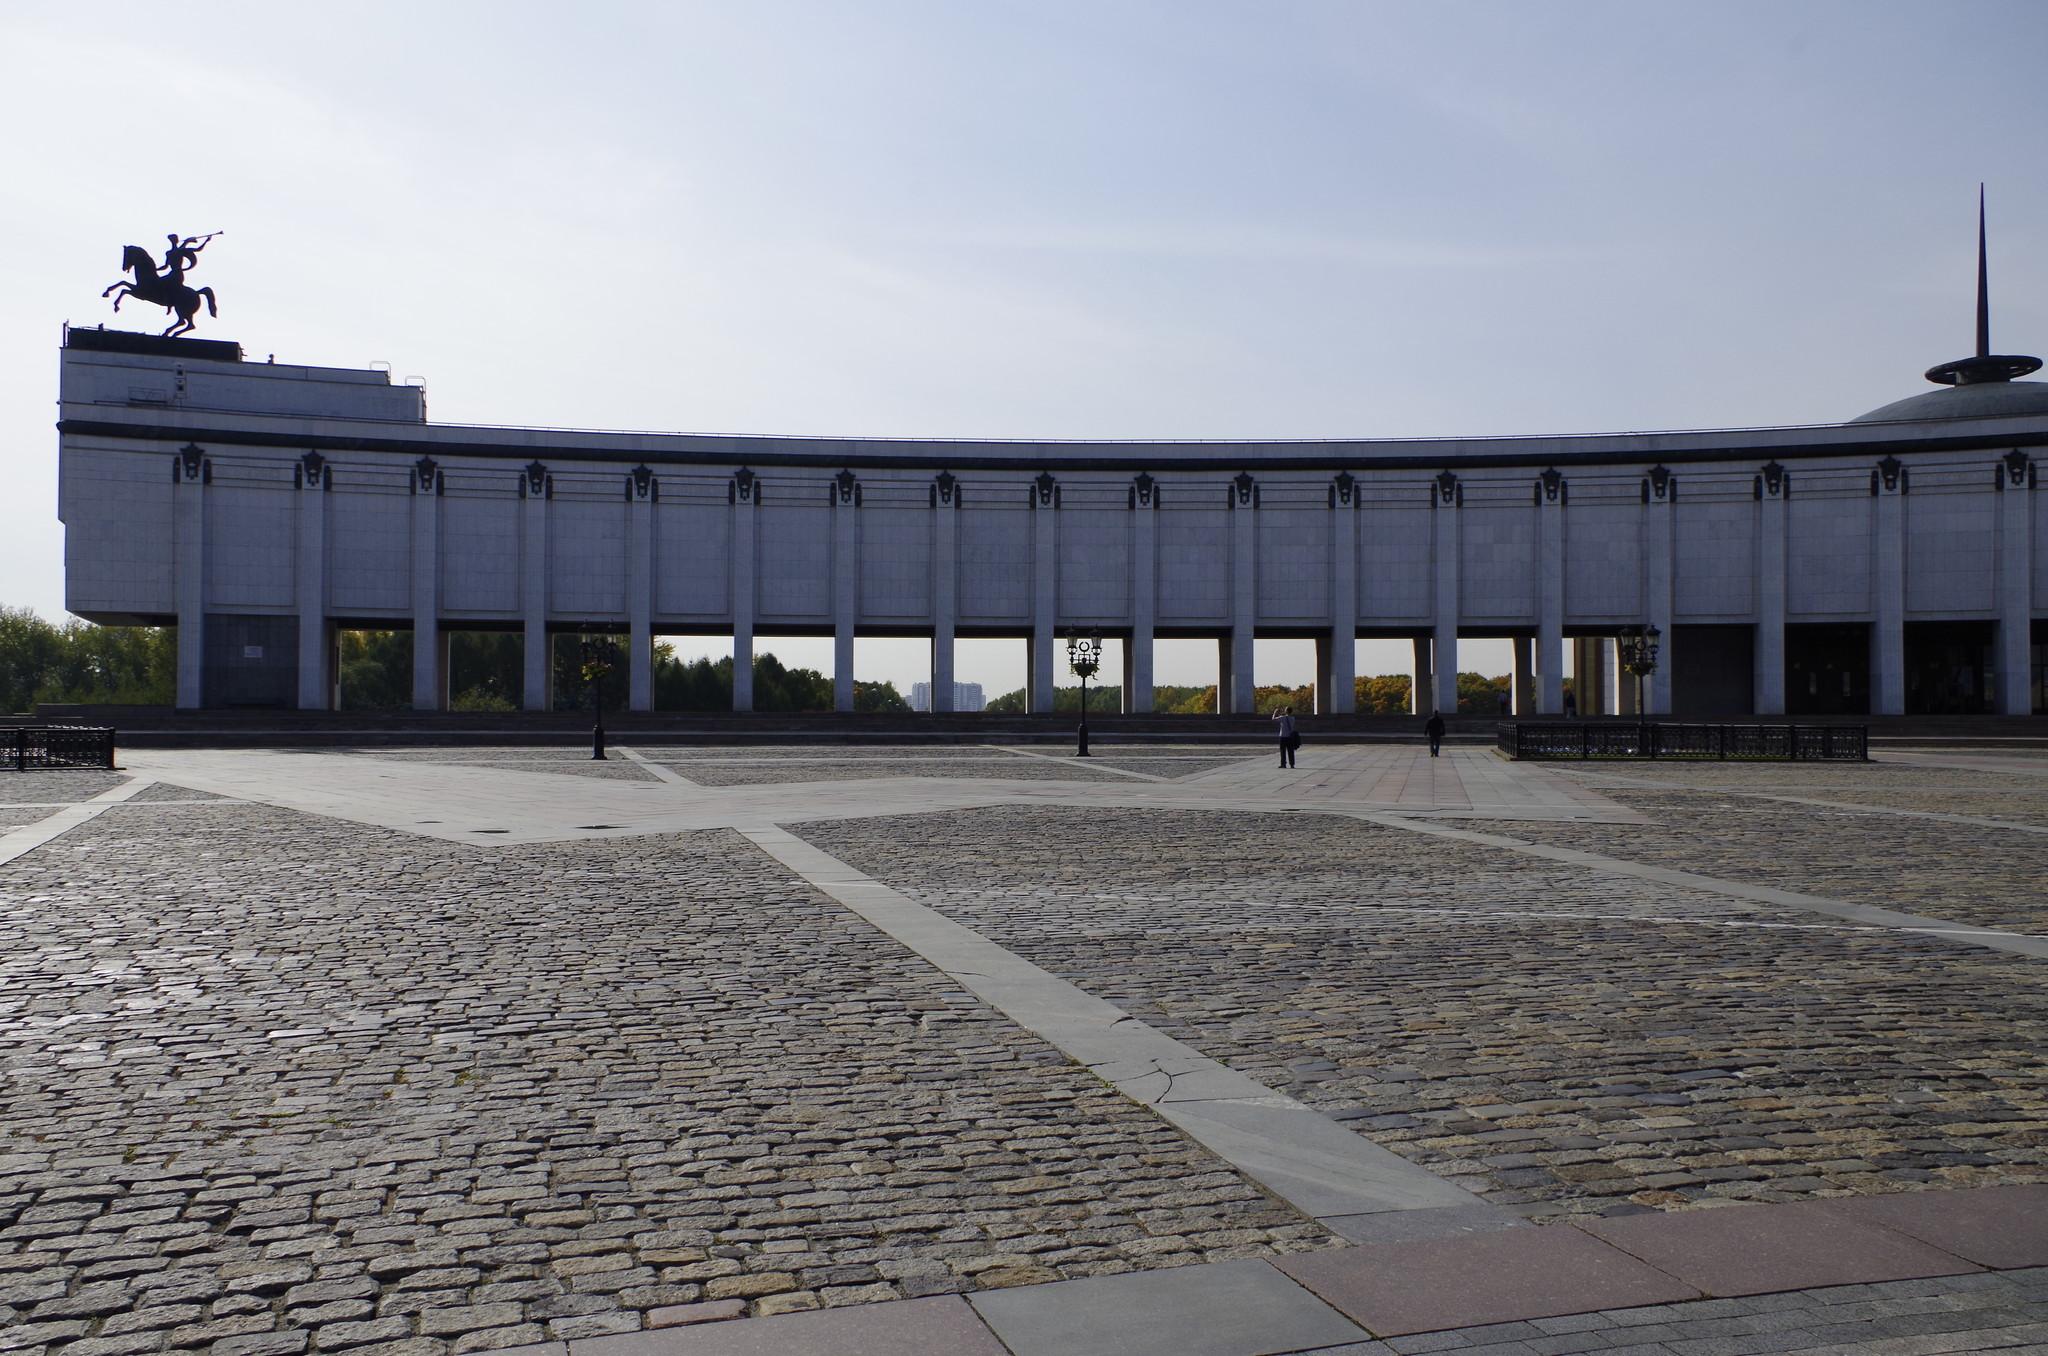 Центральный музей Великой Отечественной войны 1941-1945 гг. (сокращенно Музей Победы)